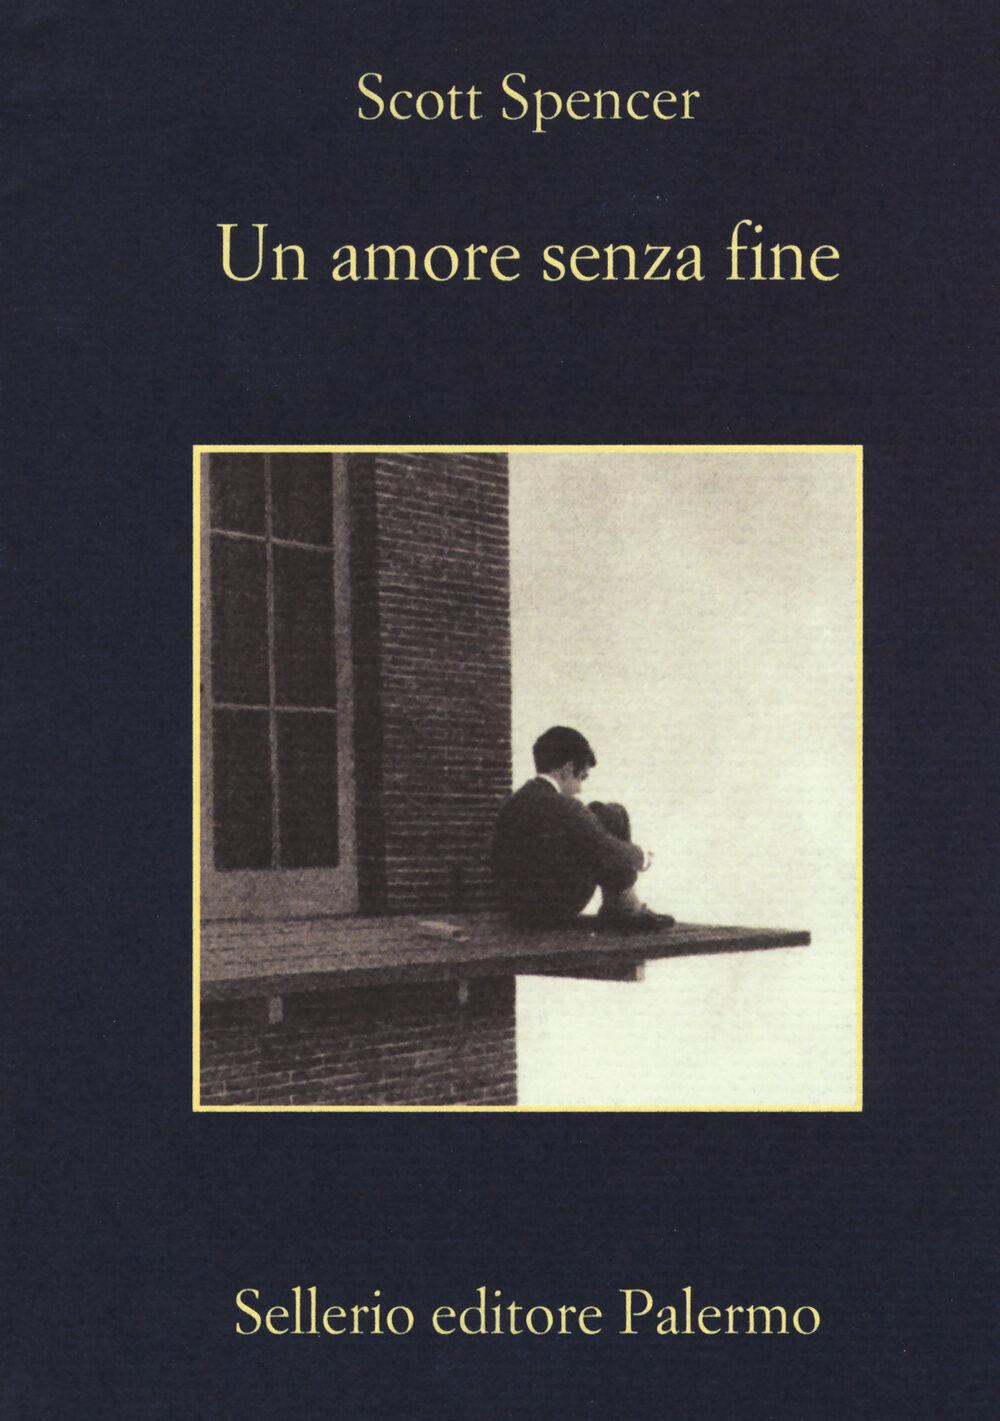 Un amore senza fine scott spencer libro sellerio for Amore senza fine